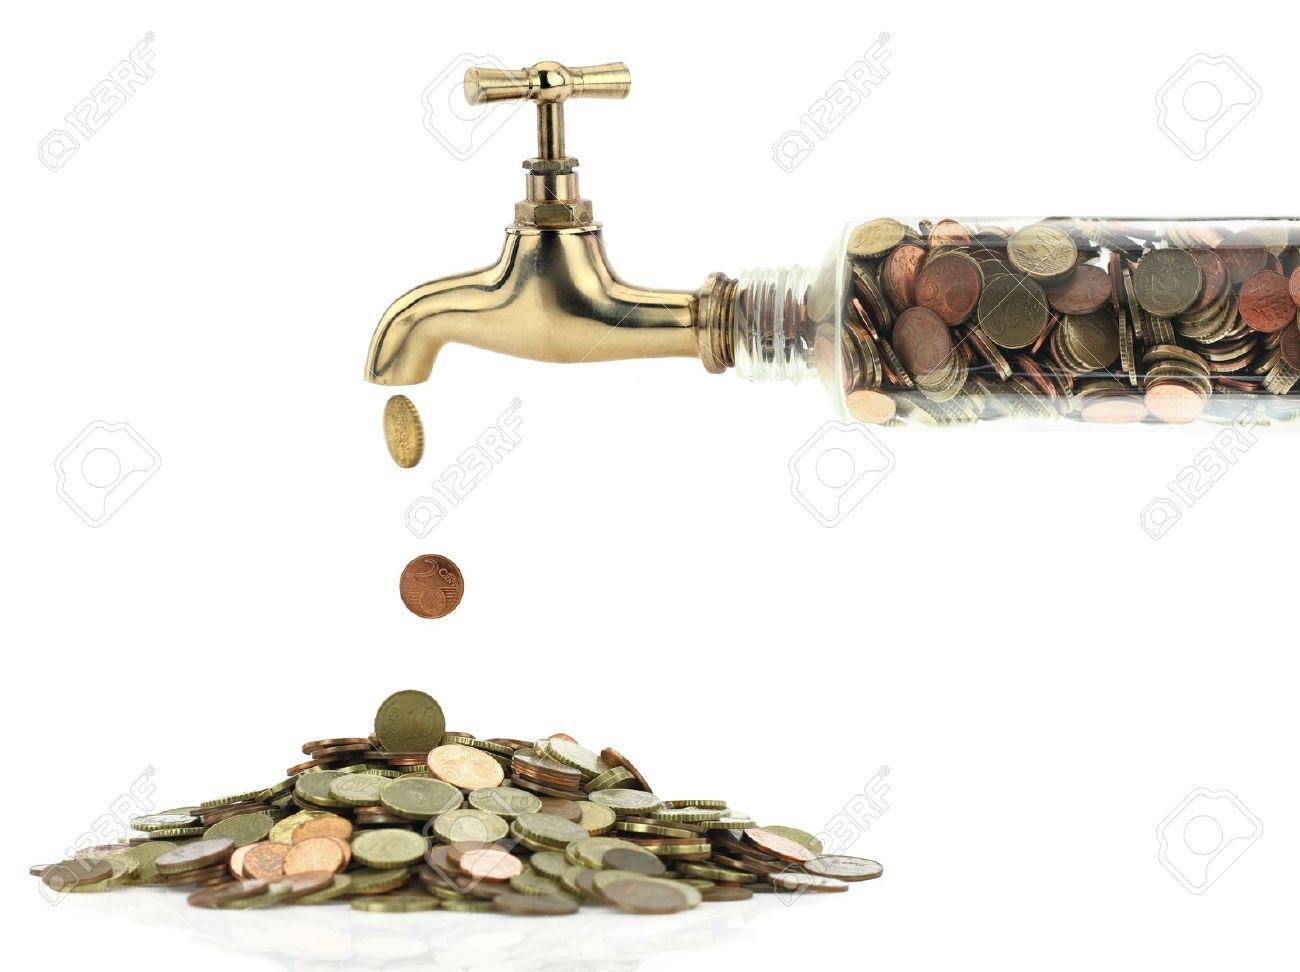 С сегодня за воду платим по-новому